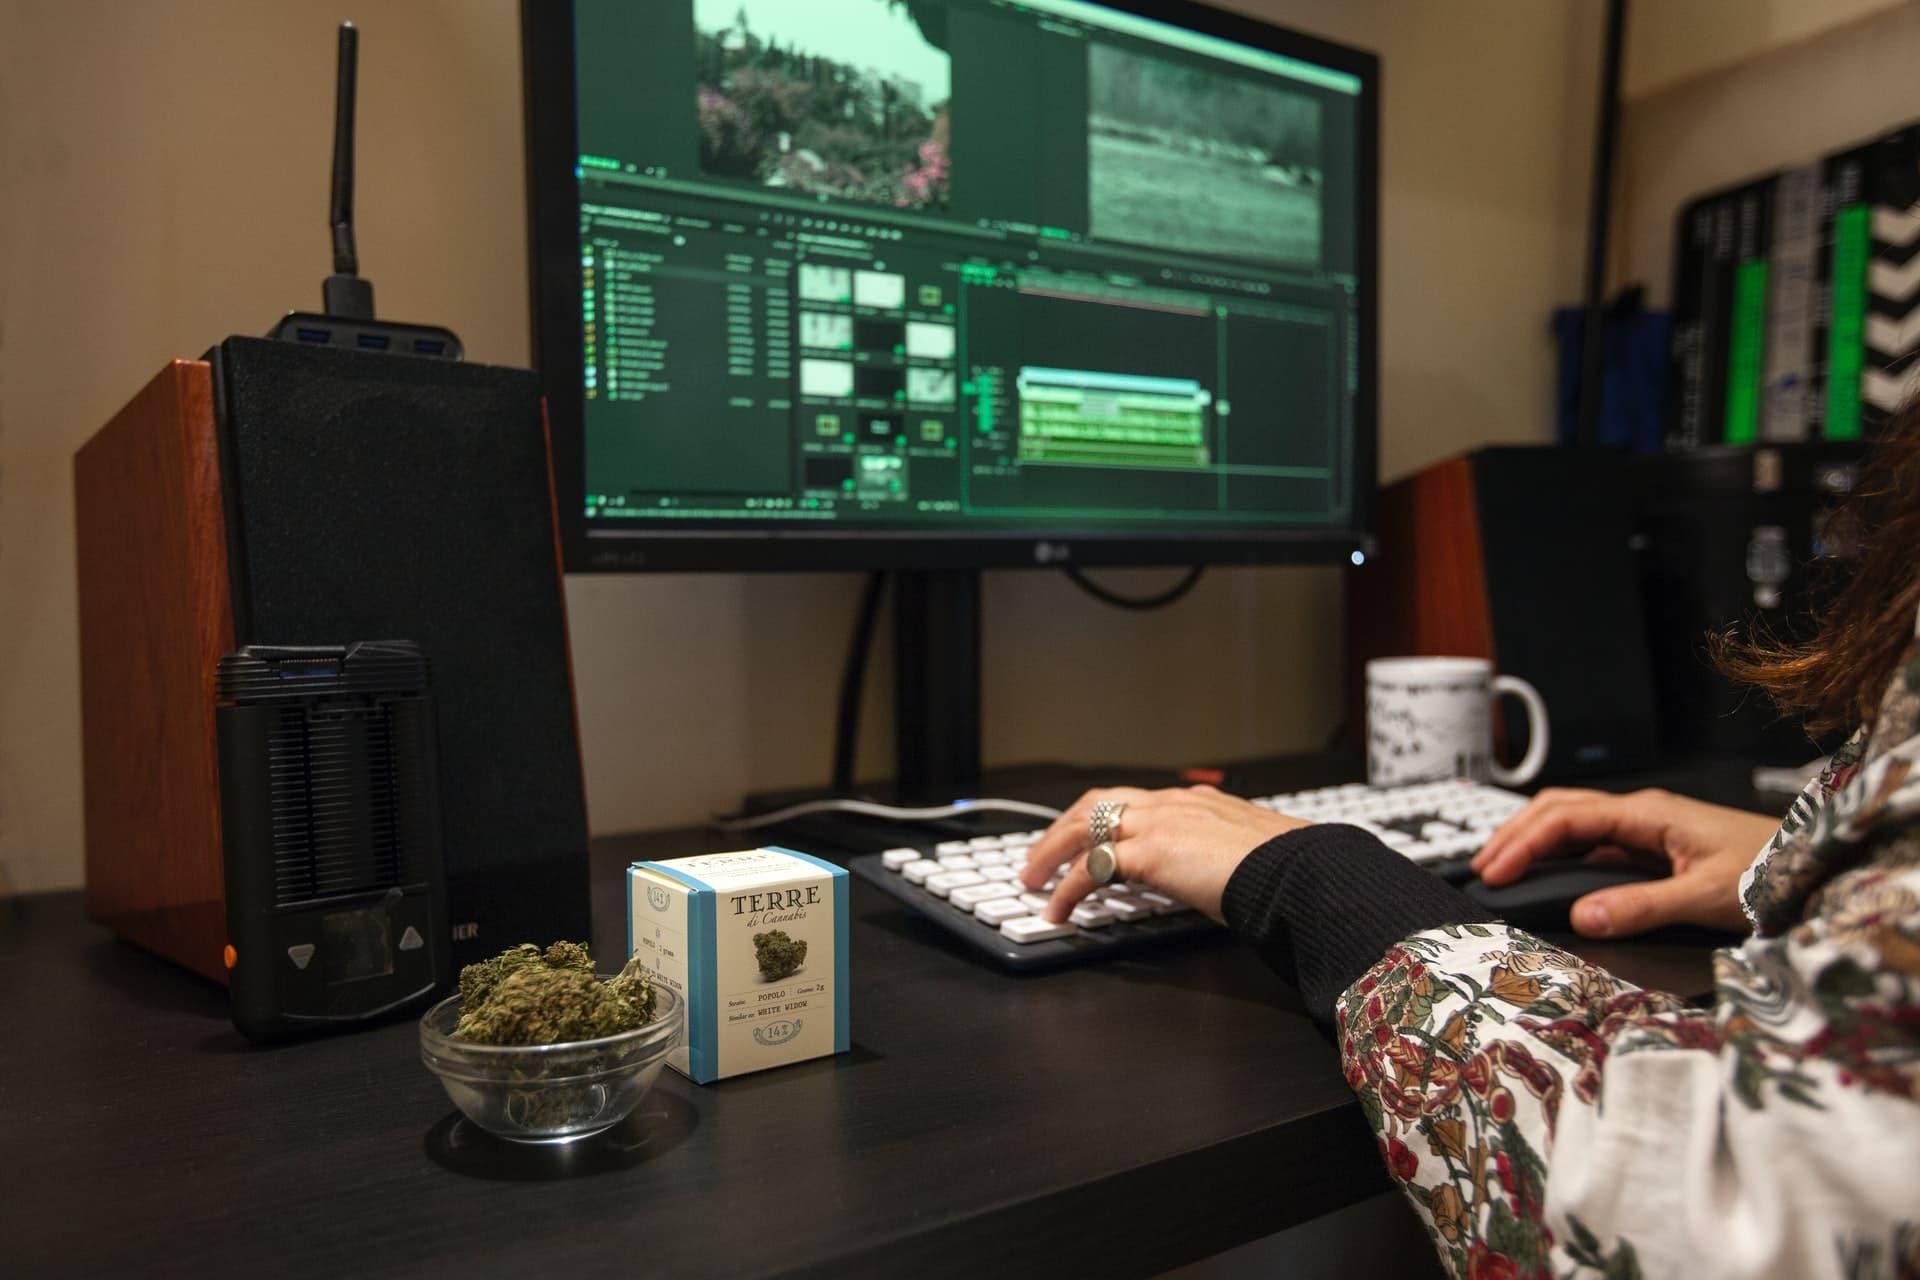 Nación Cannabis | La pandemia populariza el uso de cannabis en horas de trabajo